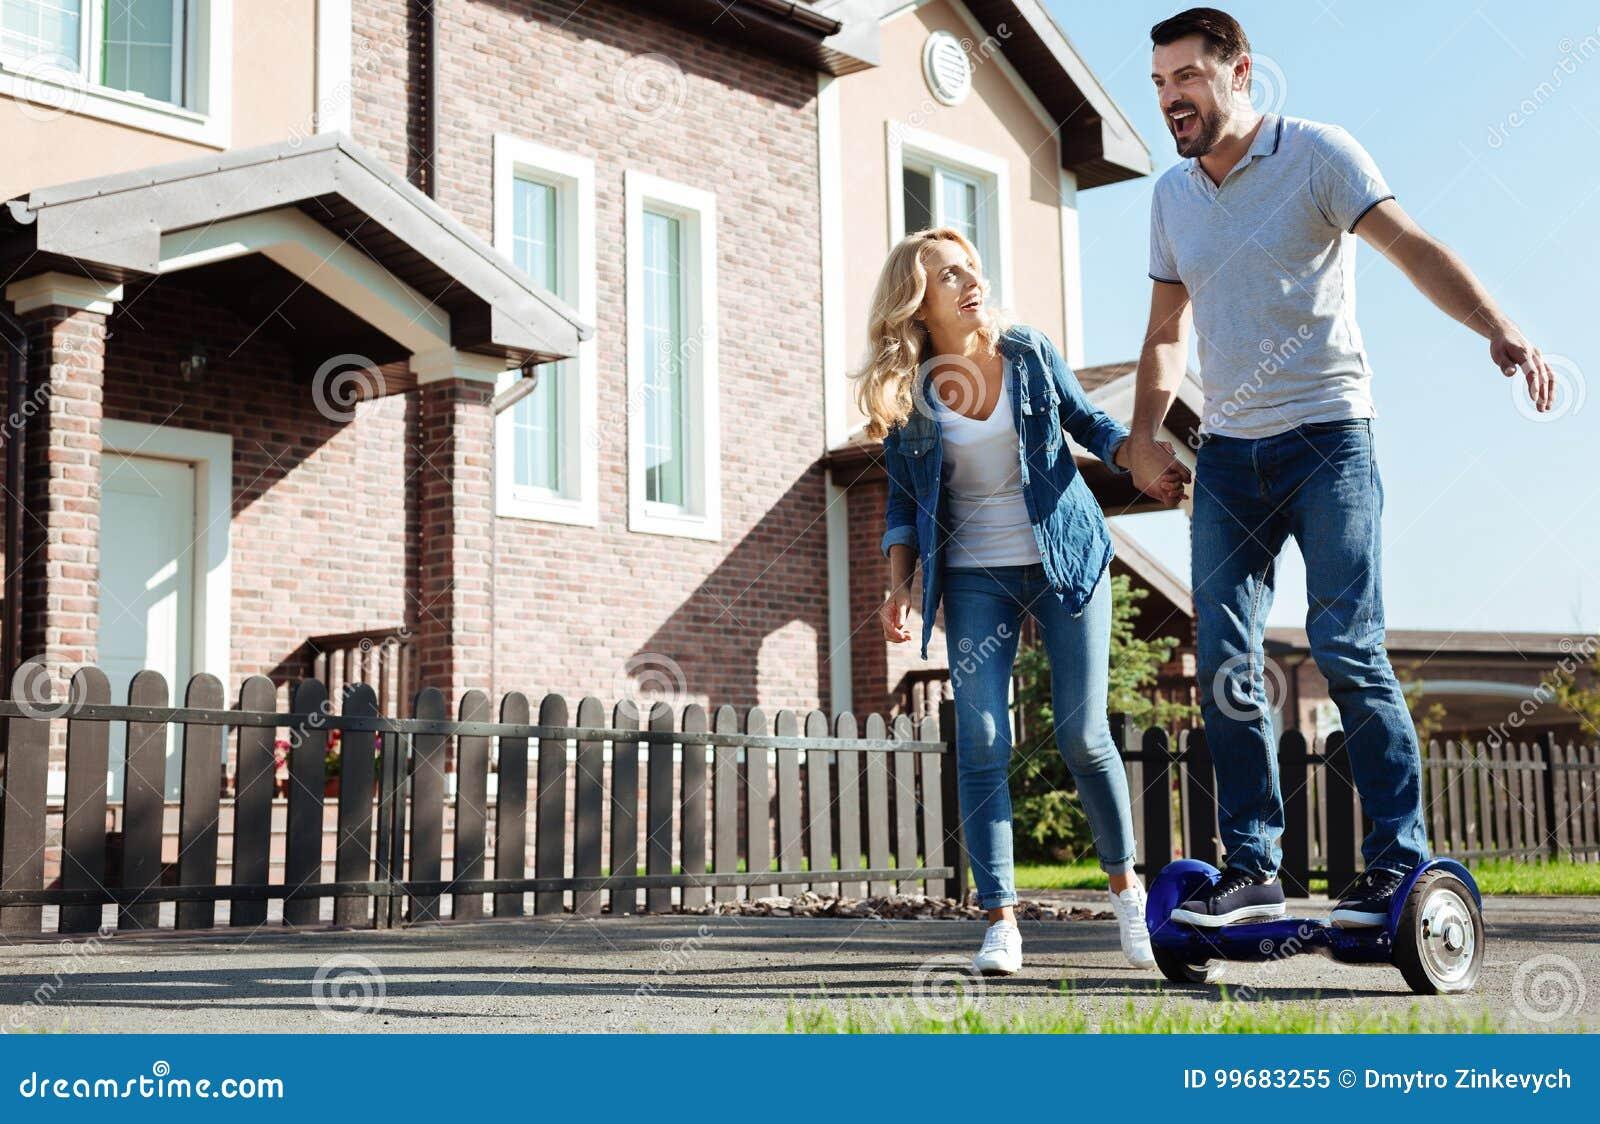 Hoverboard del montar a caballo del hombre y mano emocionados de los wifes de la tenencia